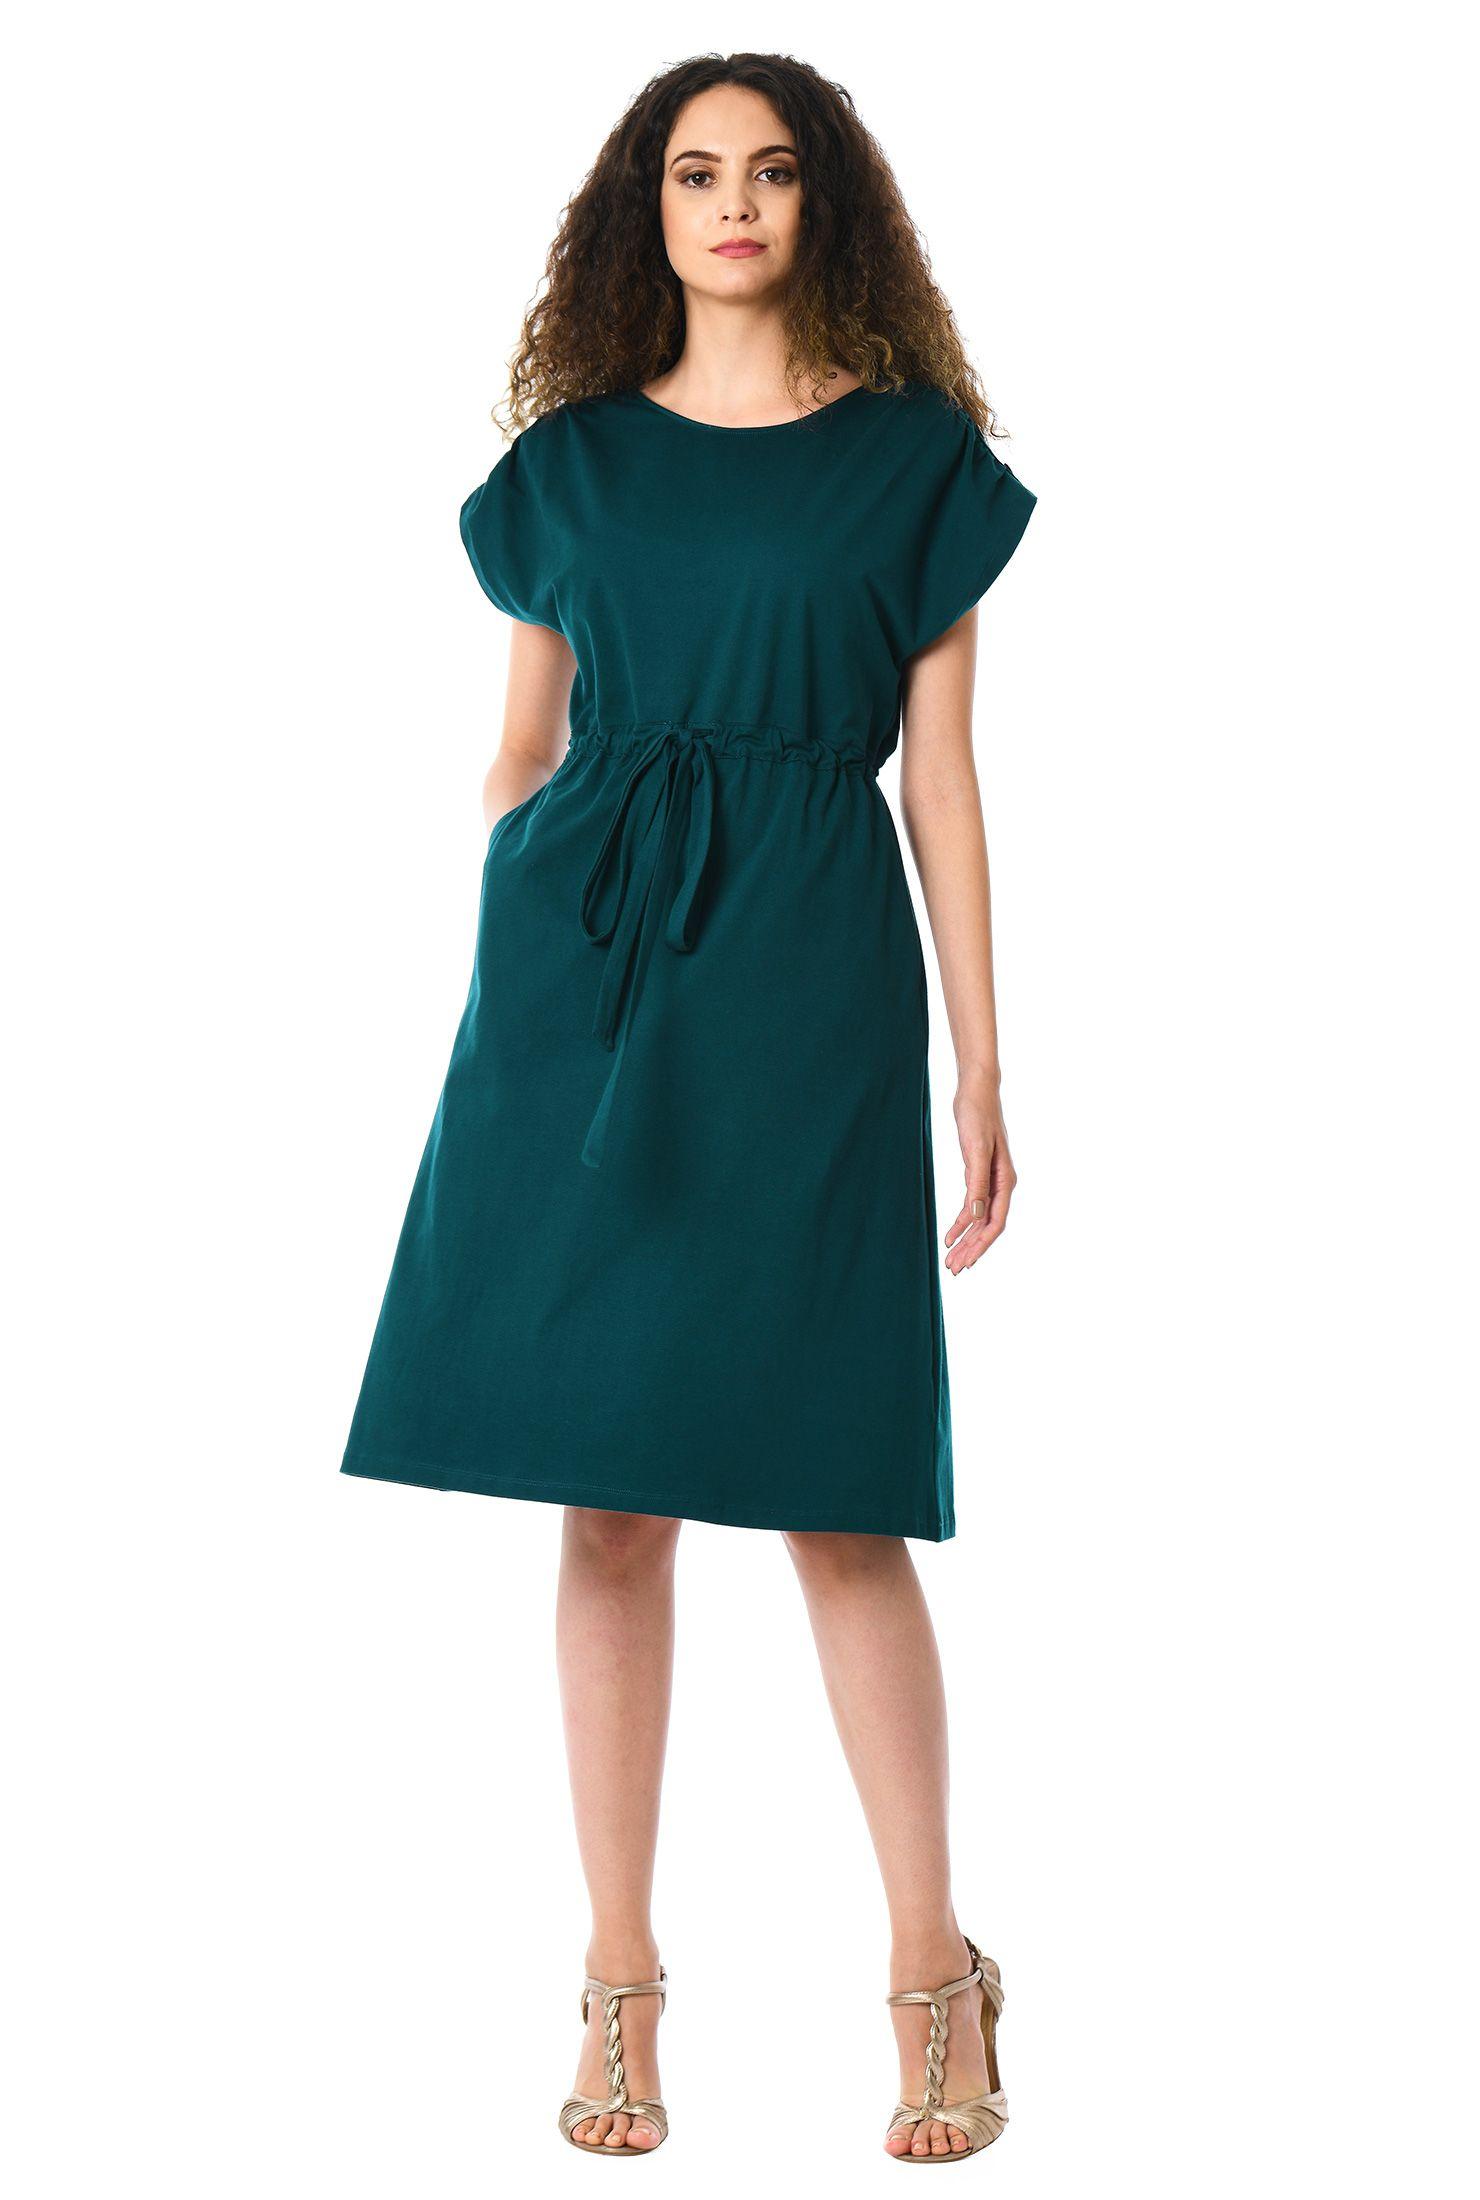 Evening Dresses Petite Plus Size | Saddha